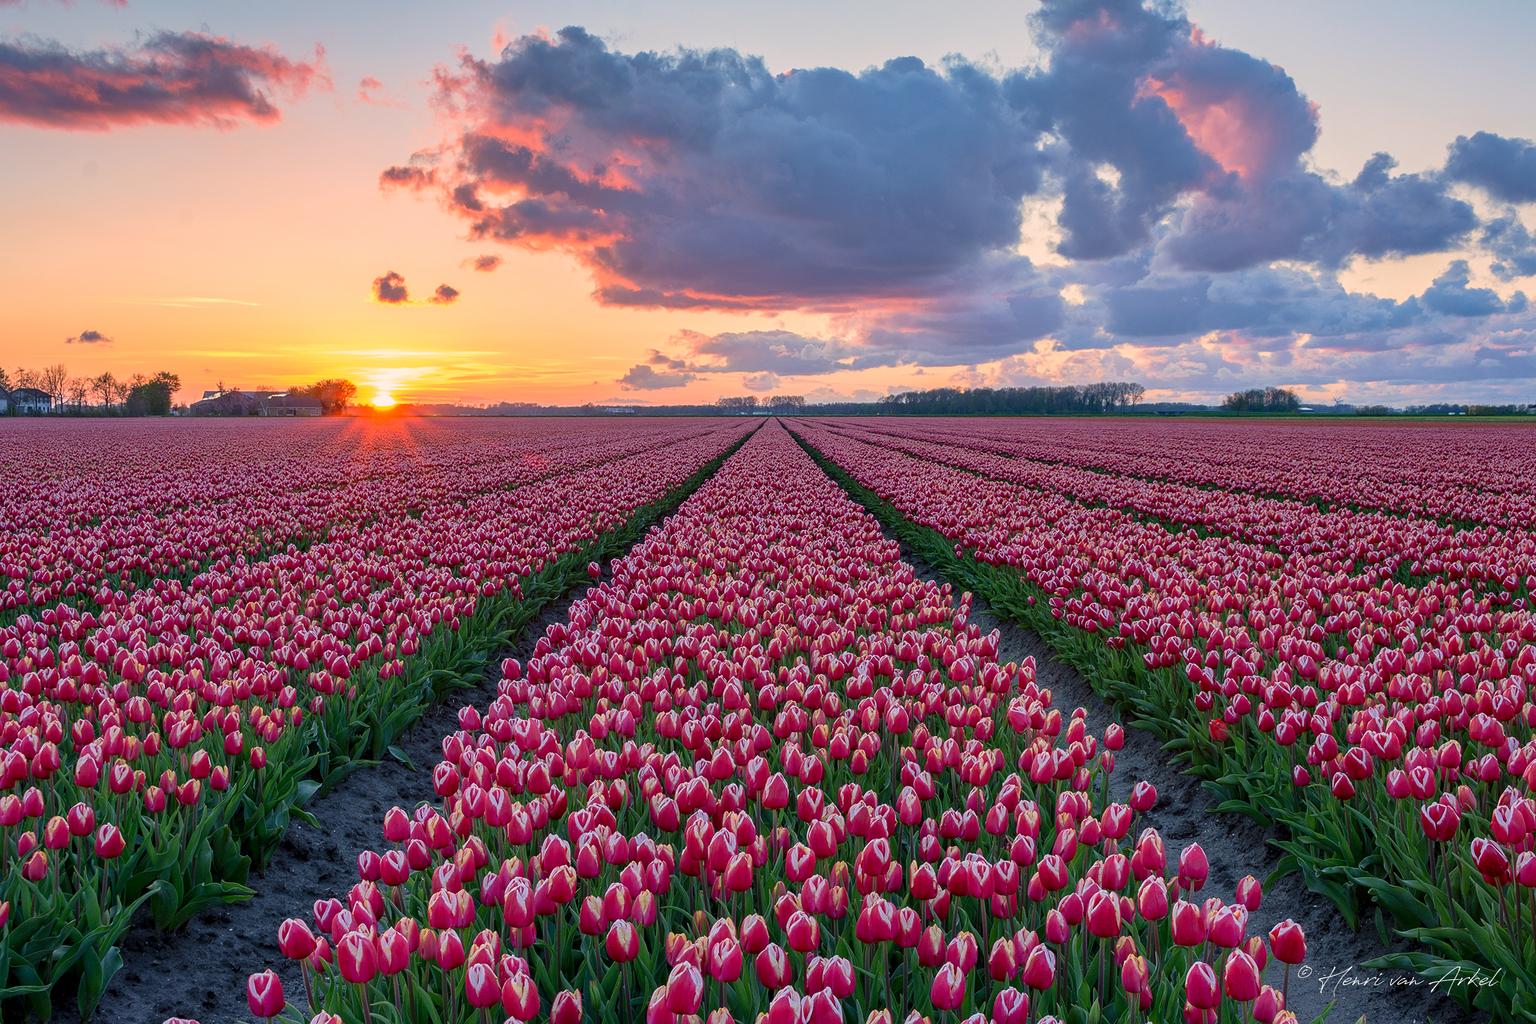 Tulpenveld Zonsondergang - Zonsondergang bij een tulpenveld in Dronten. De lucht kleurde mooi mee met prachtige wolken over het veld. (02-05-2021)  2 stops Grijsverloop medium  - foto door henrivanarkel op 03-05-2021 - deze foto bevat: tulpen, zonsondergang, landschap, wolken, grijsverloopfilter, lucht, wolk, bloem, fabriek, dag, ecoregio, mensen in de natuur, natuurlijk landschap, natuur, bloemblaadje